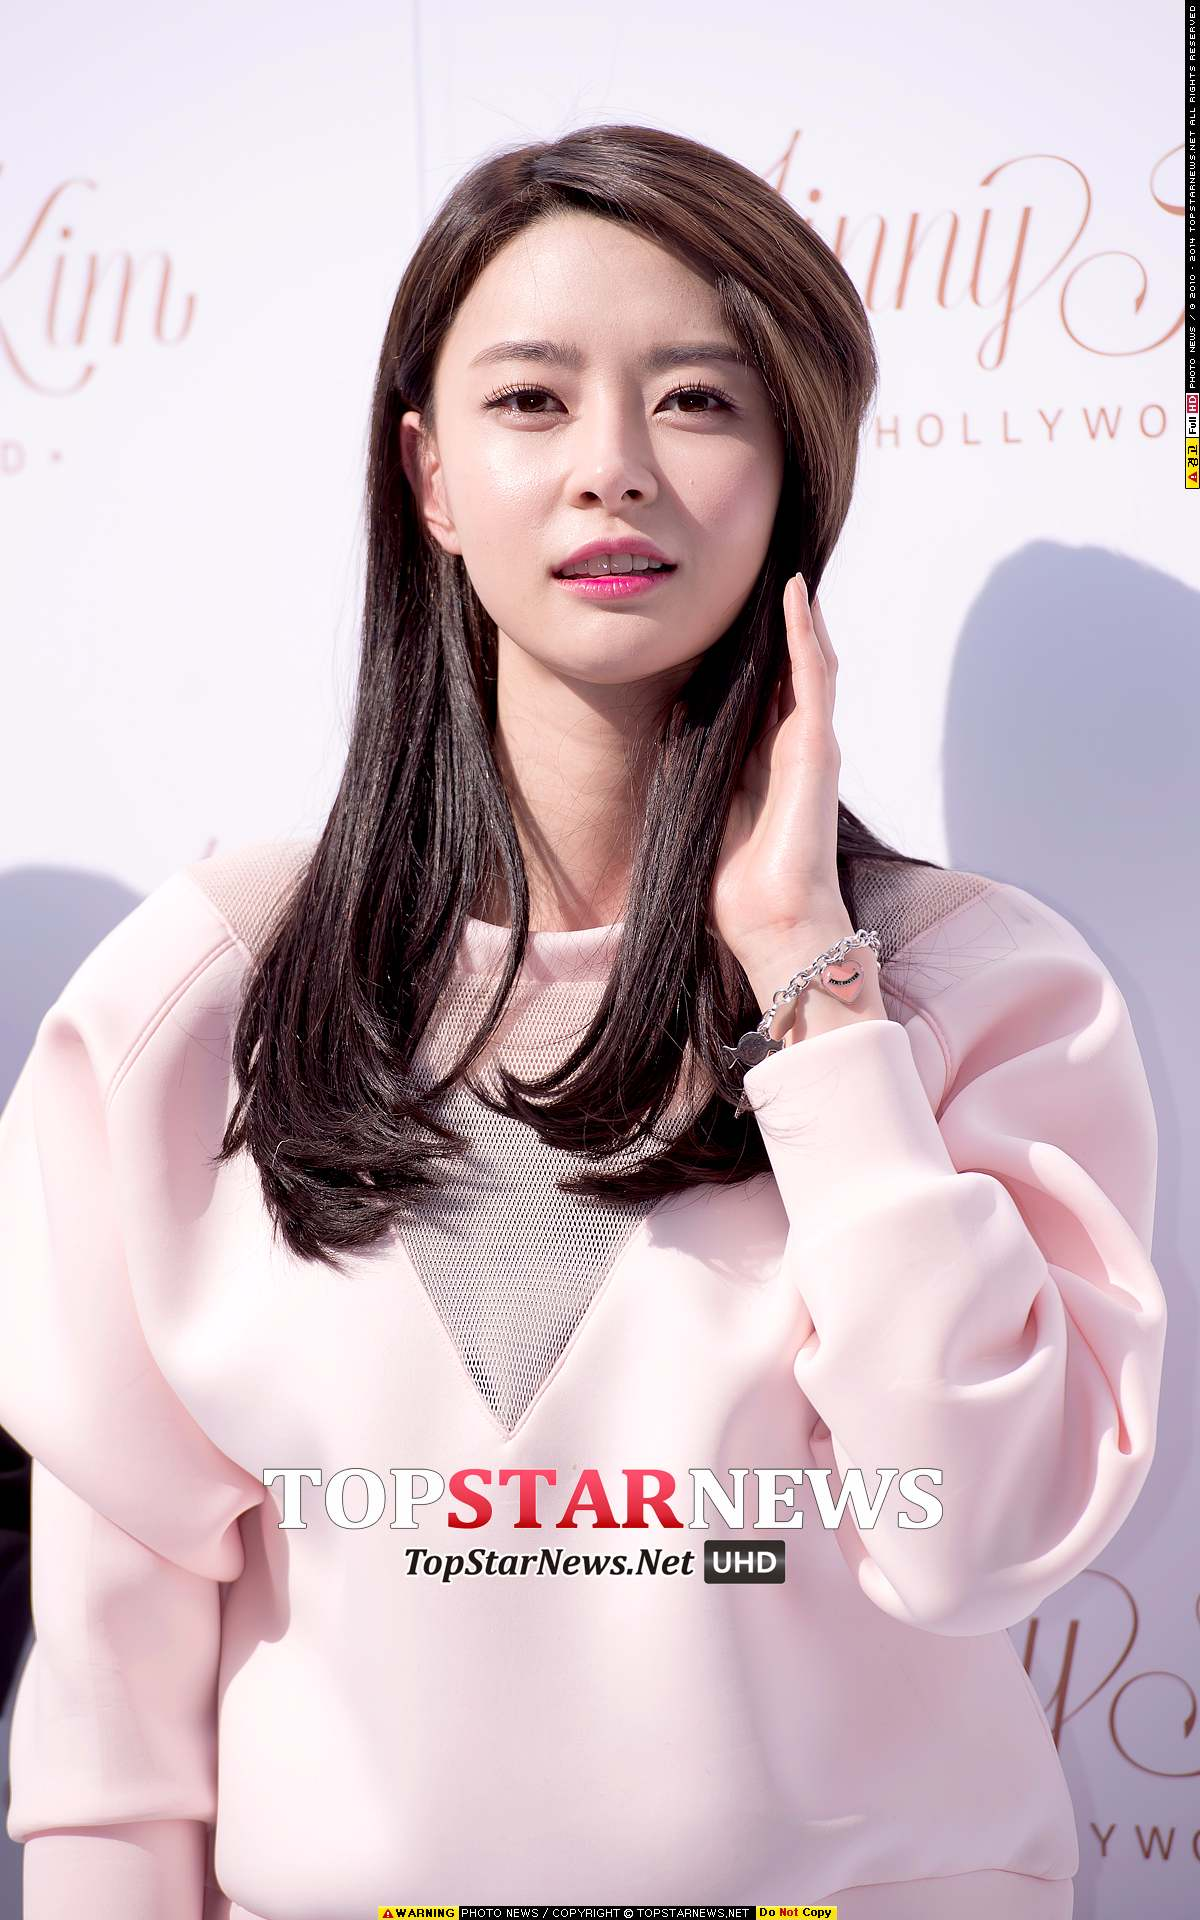 除了身材外,上天還非常不公平的給了Nara毫無屈辱的臉蛋,所以才會被韓國網友贊為「雖然身材比例也很了不起,但臉真的是美得能當演員了」